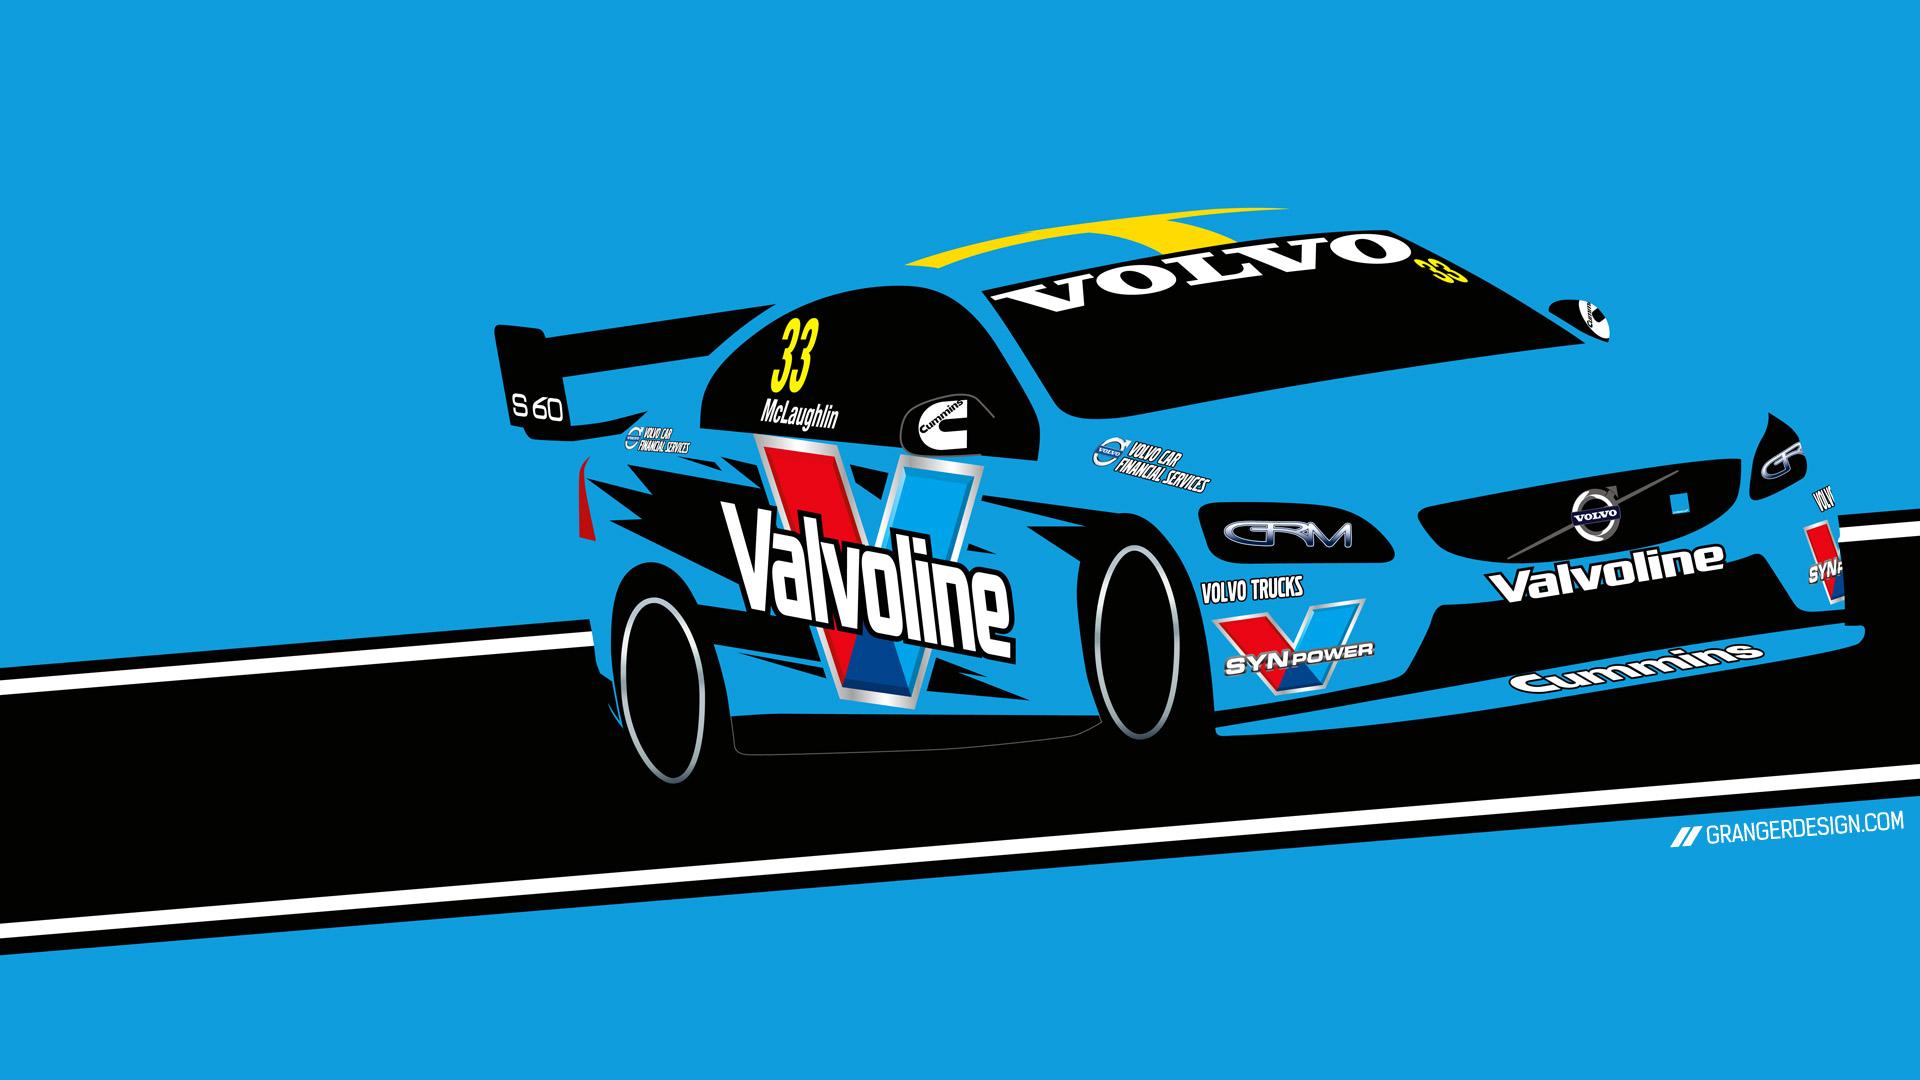 Volvo V8 Supercars Wallpaper Volvo Jo Swedish Car Fansite